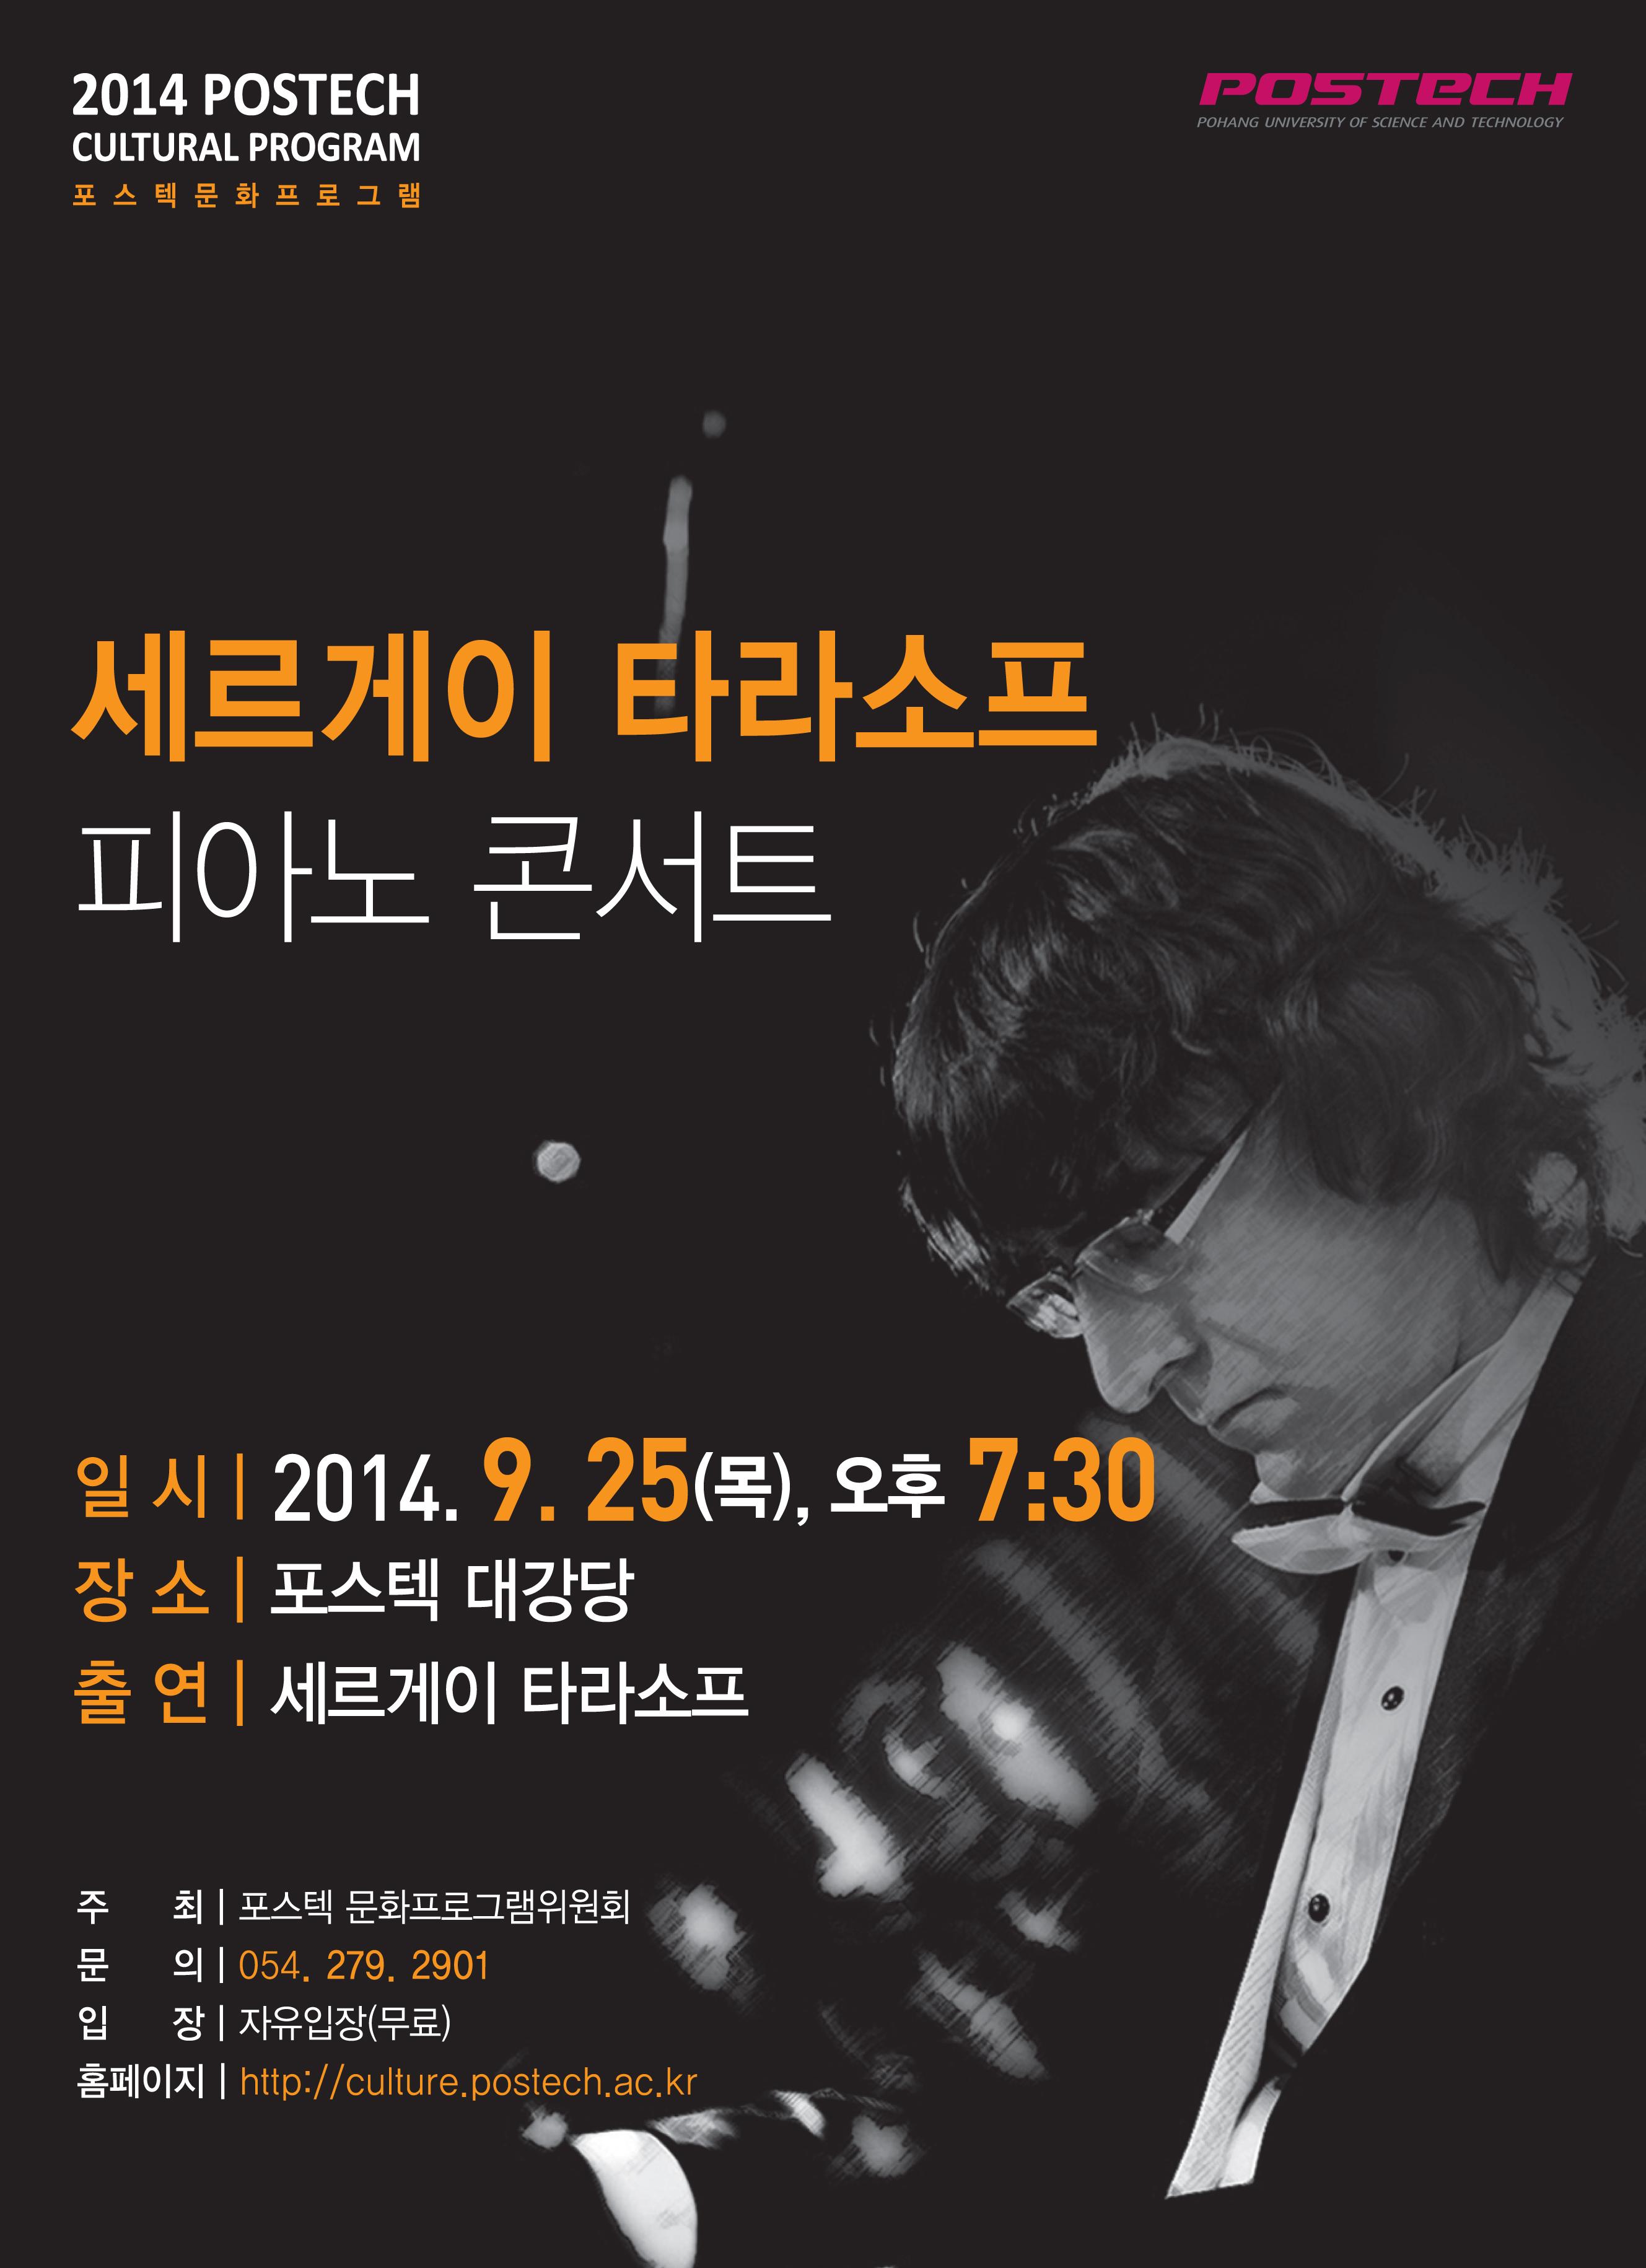 [문화프로그램] 세르게이 타라소프 피아노 콘서트